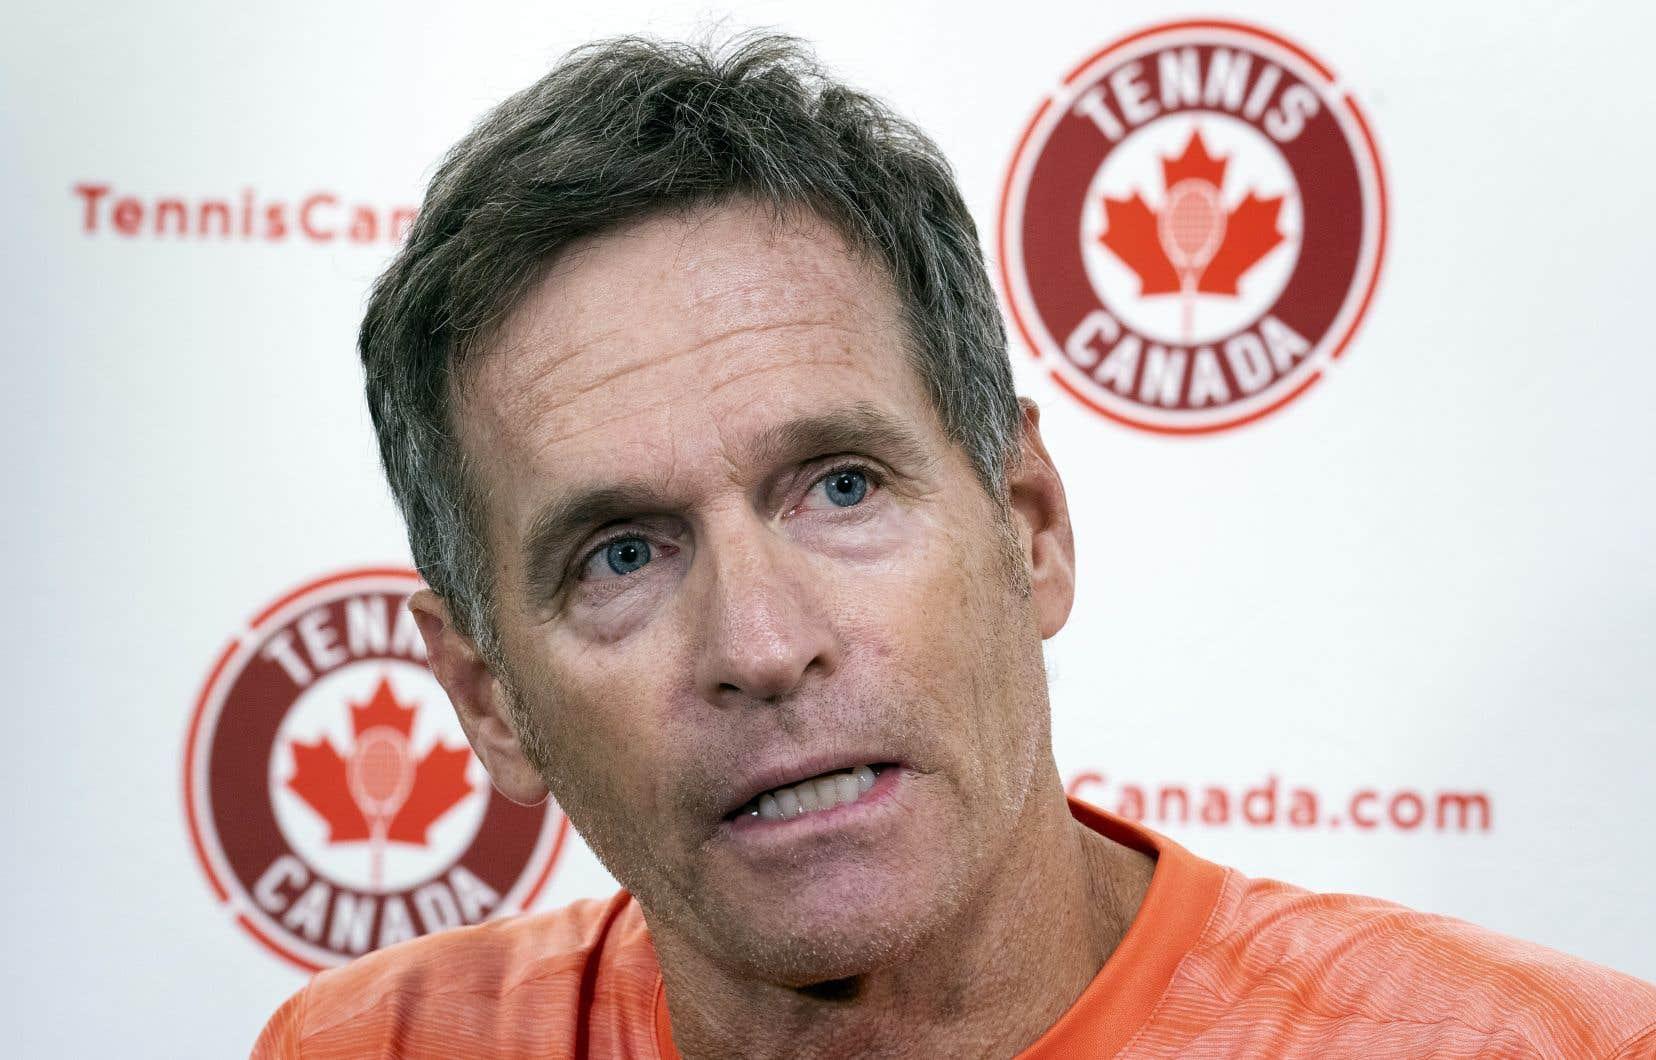 Devant les médias montréalais, mardi, l'entraîneur Sylvain Bruneau s'est dit convaincu que Bianca Andreescu pouvait encore améliorer toutes les facettes de son jeu.